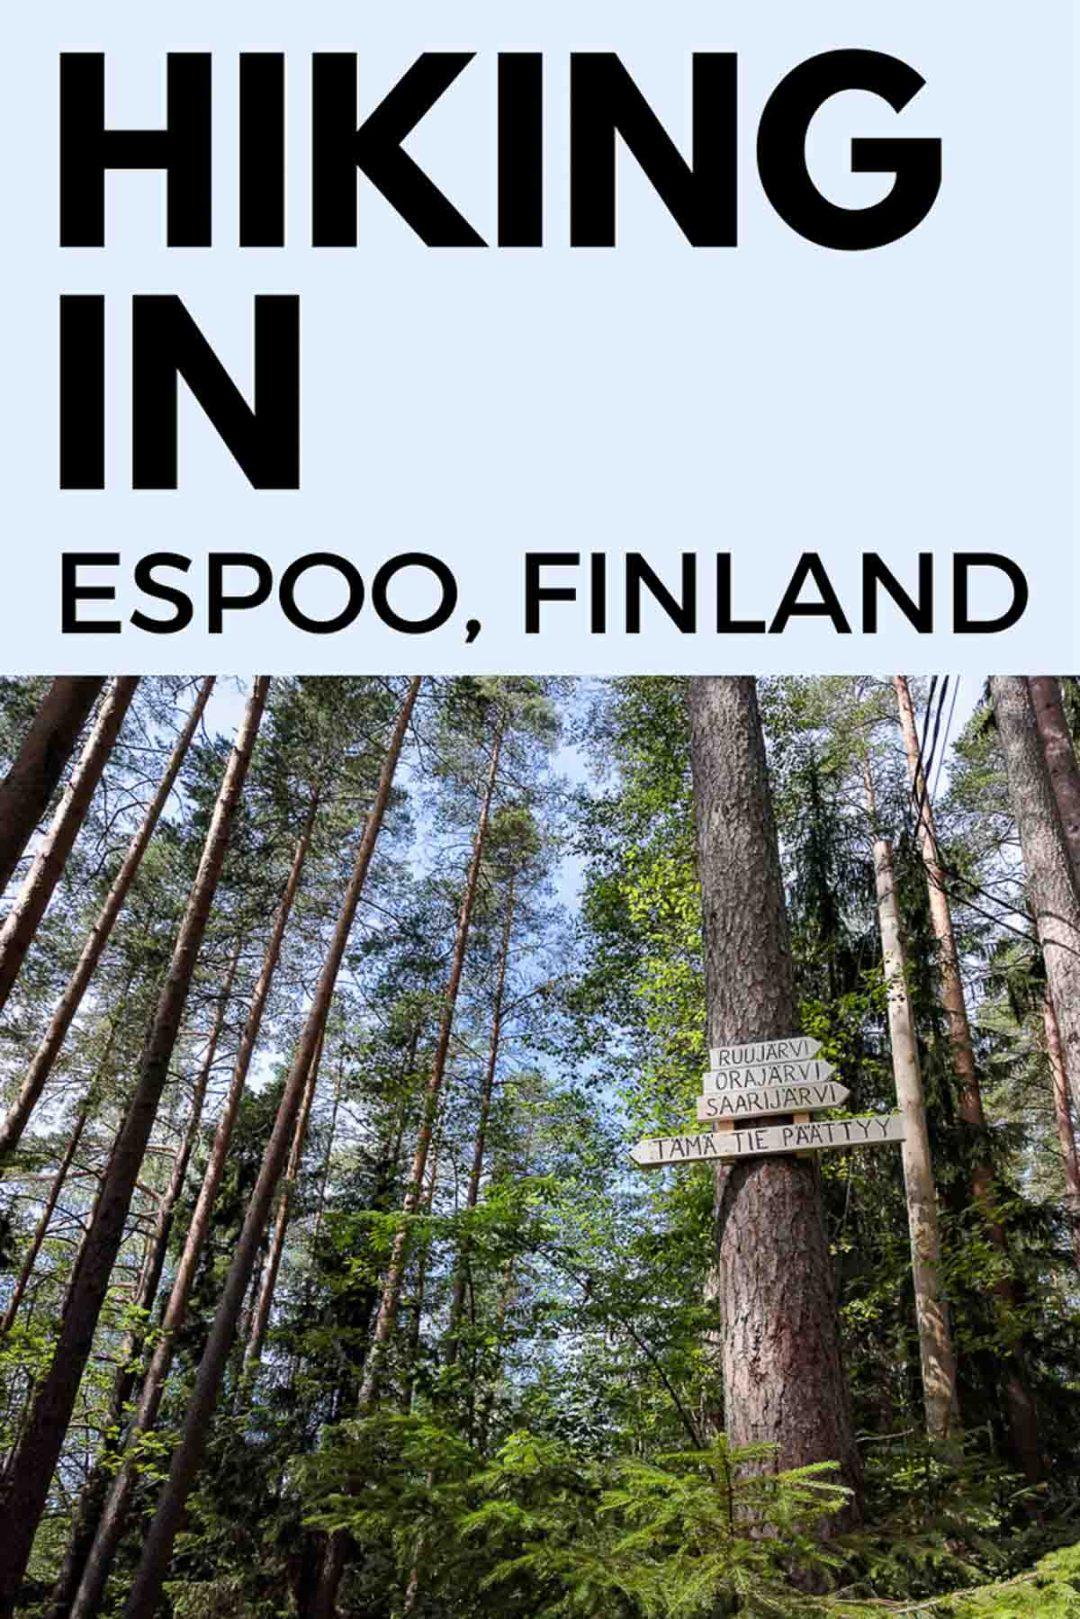 Hiking in Espoo, Finland